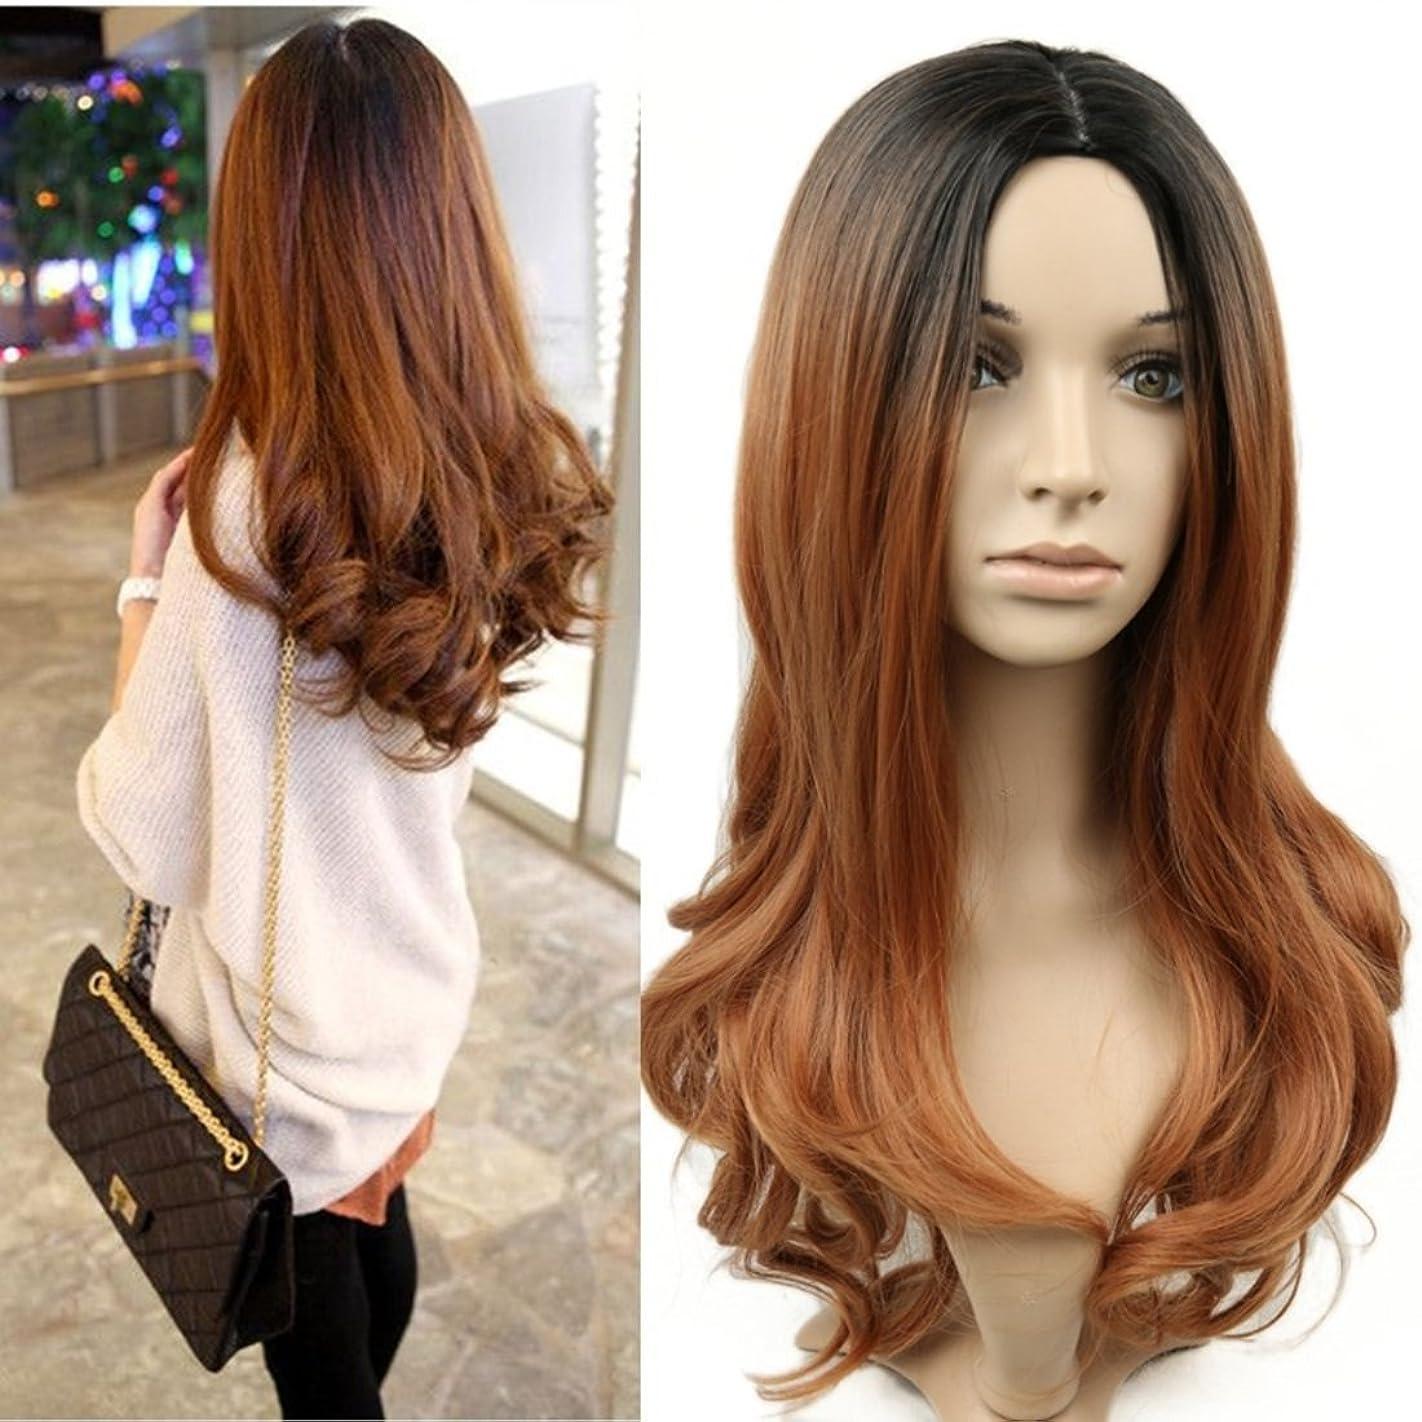 敬な心臓不屈JIANFU 女性 化学繊維 かつら 耐熱 自然な 巻き髪 グラデーション かつら (Color : Black gold gradient)